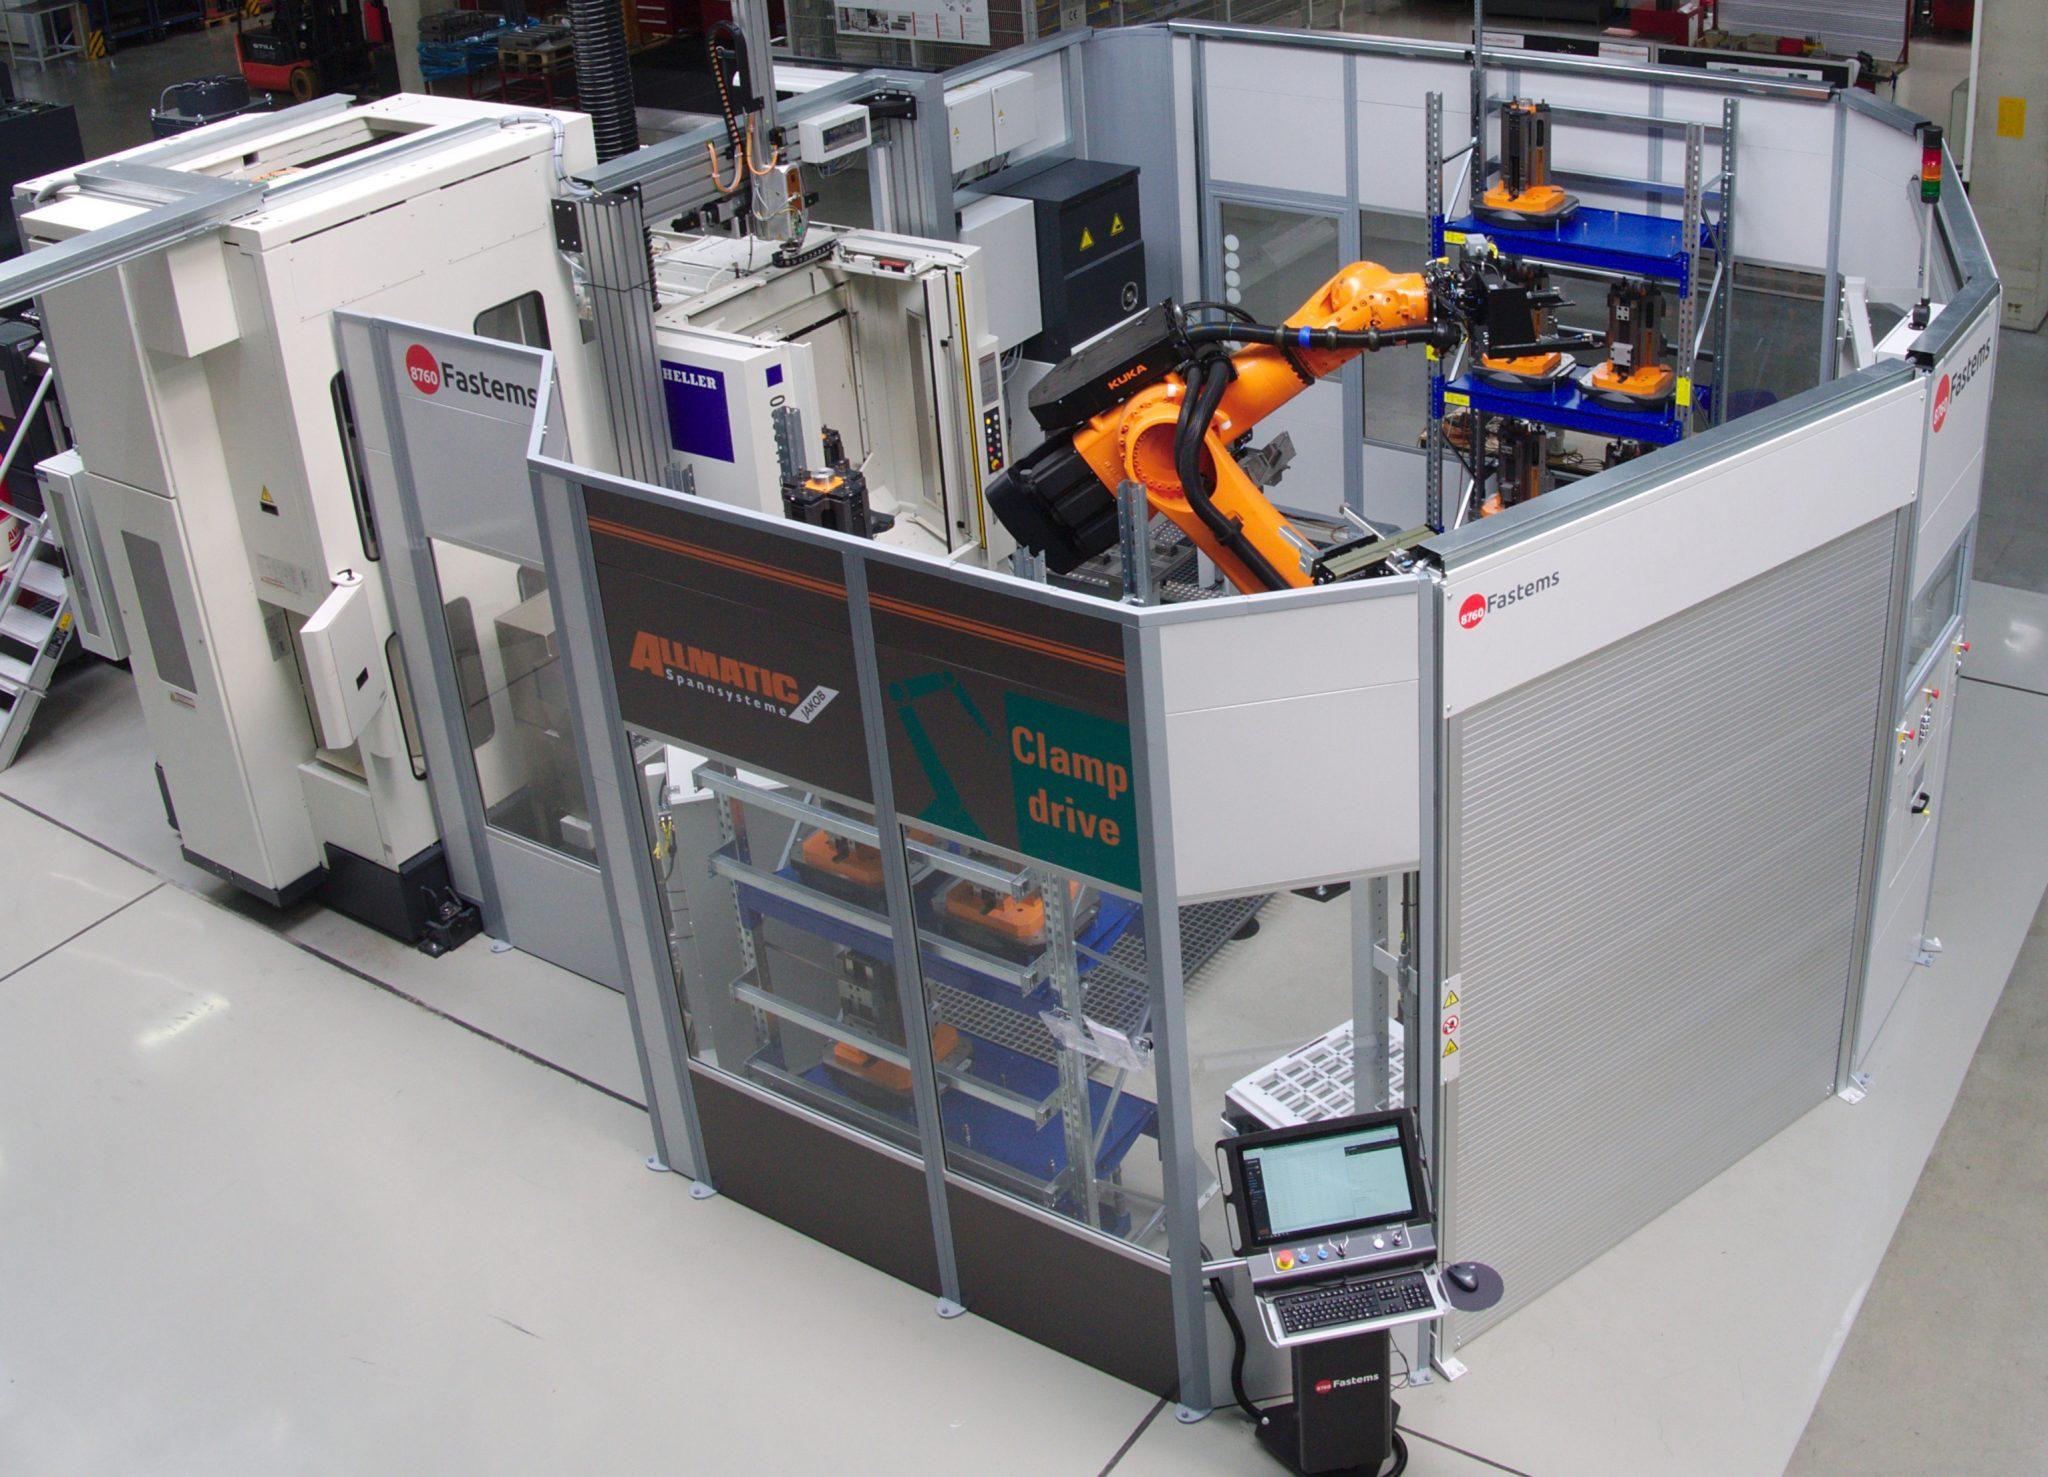 Die seit 2018 in Betrieb befindliche Roboterzelle bei ALLMATIC ist bis dato einzigartig und verfügt über einige Besonderheiten.